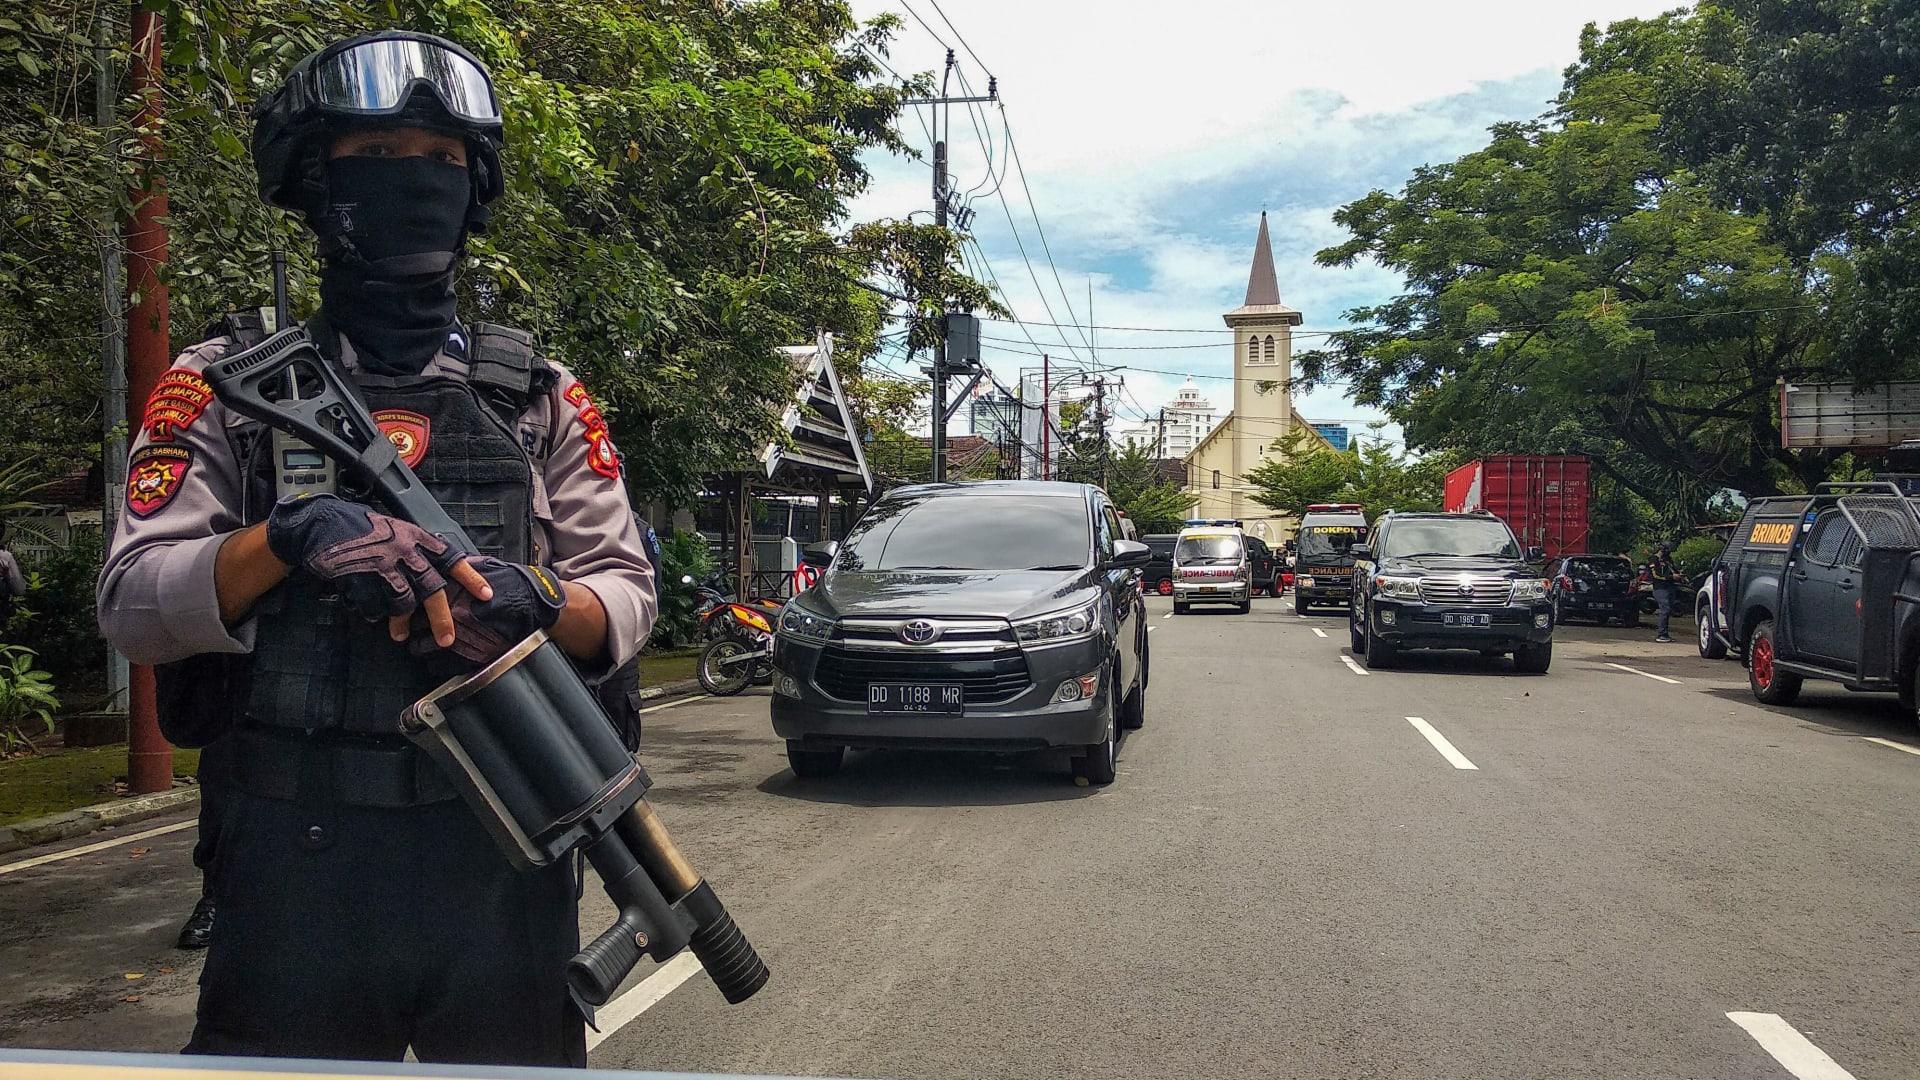 إصابات في انفجار خارج كنيسة كاثوليكية في إندونيسيا